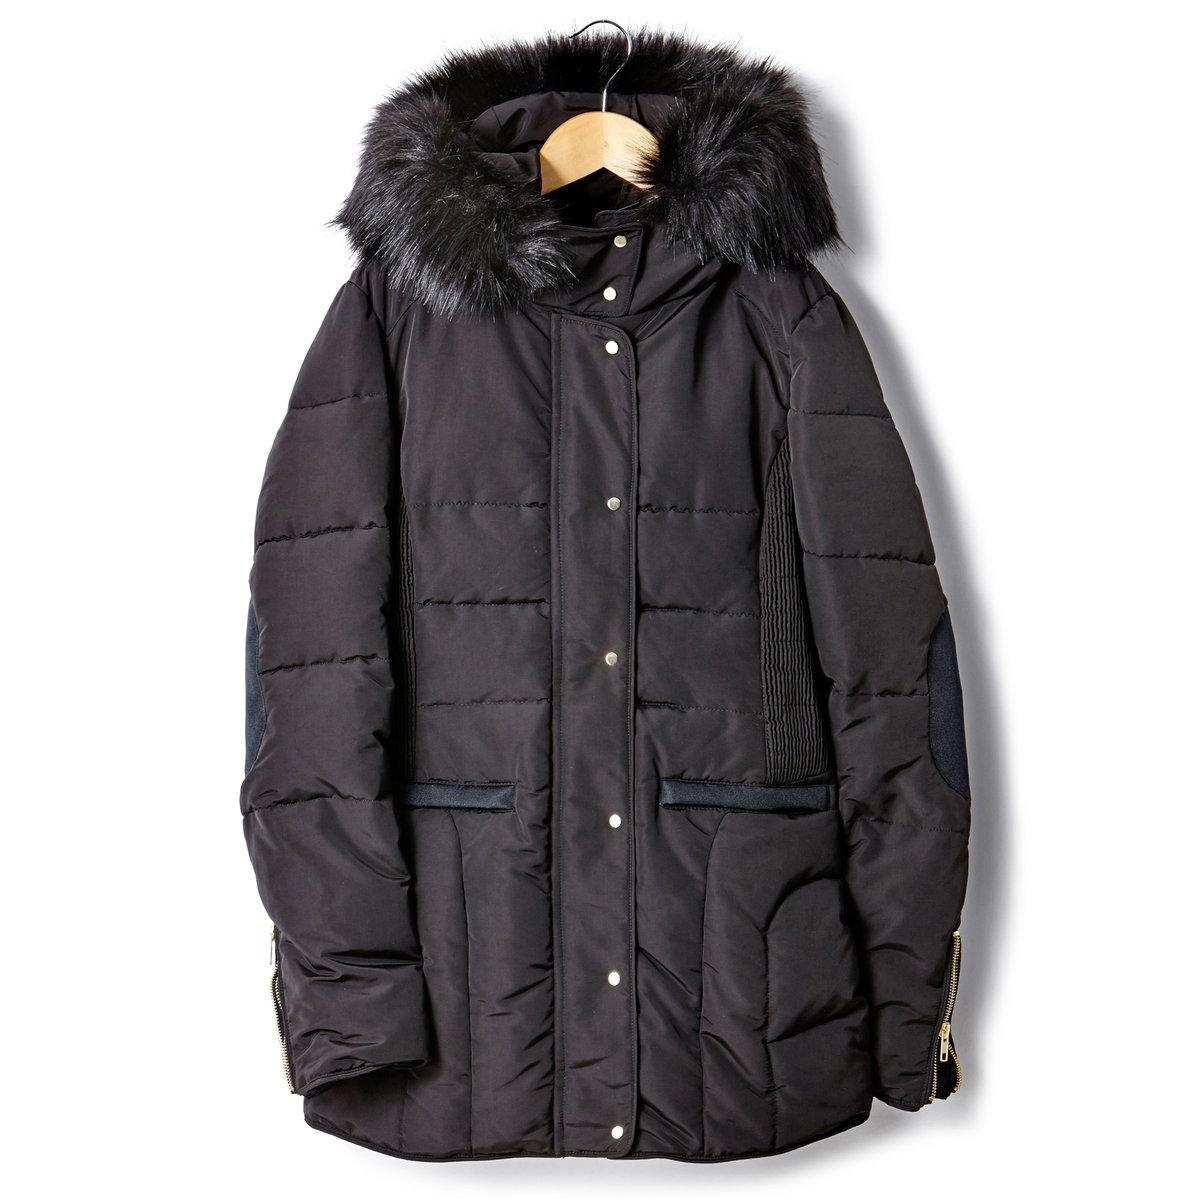 Куртка стеганая средней длины с капюшономКуртка стеганая средней длины с капюшоном, отороченным искусственным мехом. Супатная застежка на молнию и кнопки. 2 кармана и низ рукавов с застежкой на молнию, вставки на локтях. 100% полиэстера. Подкладка и утеплитель из полиэстера. Длина 75 см.<br><br>Цвет: карамель,черный<br>Размер: 38 (FR) - 44 (RUS).36 (FR) - 42 (RUS)